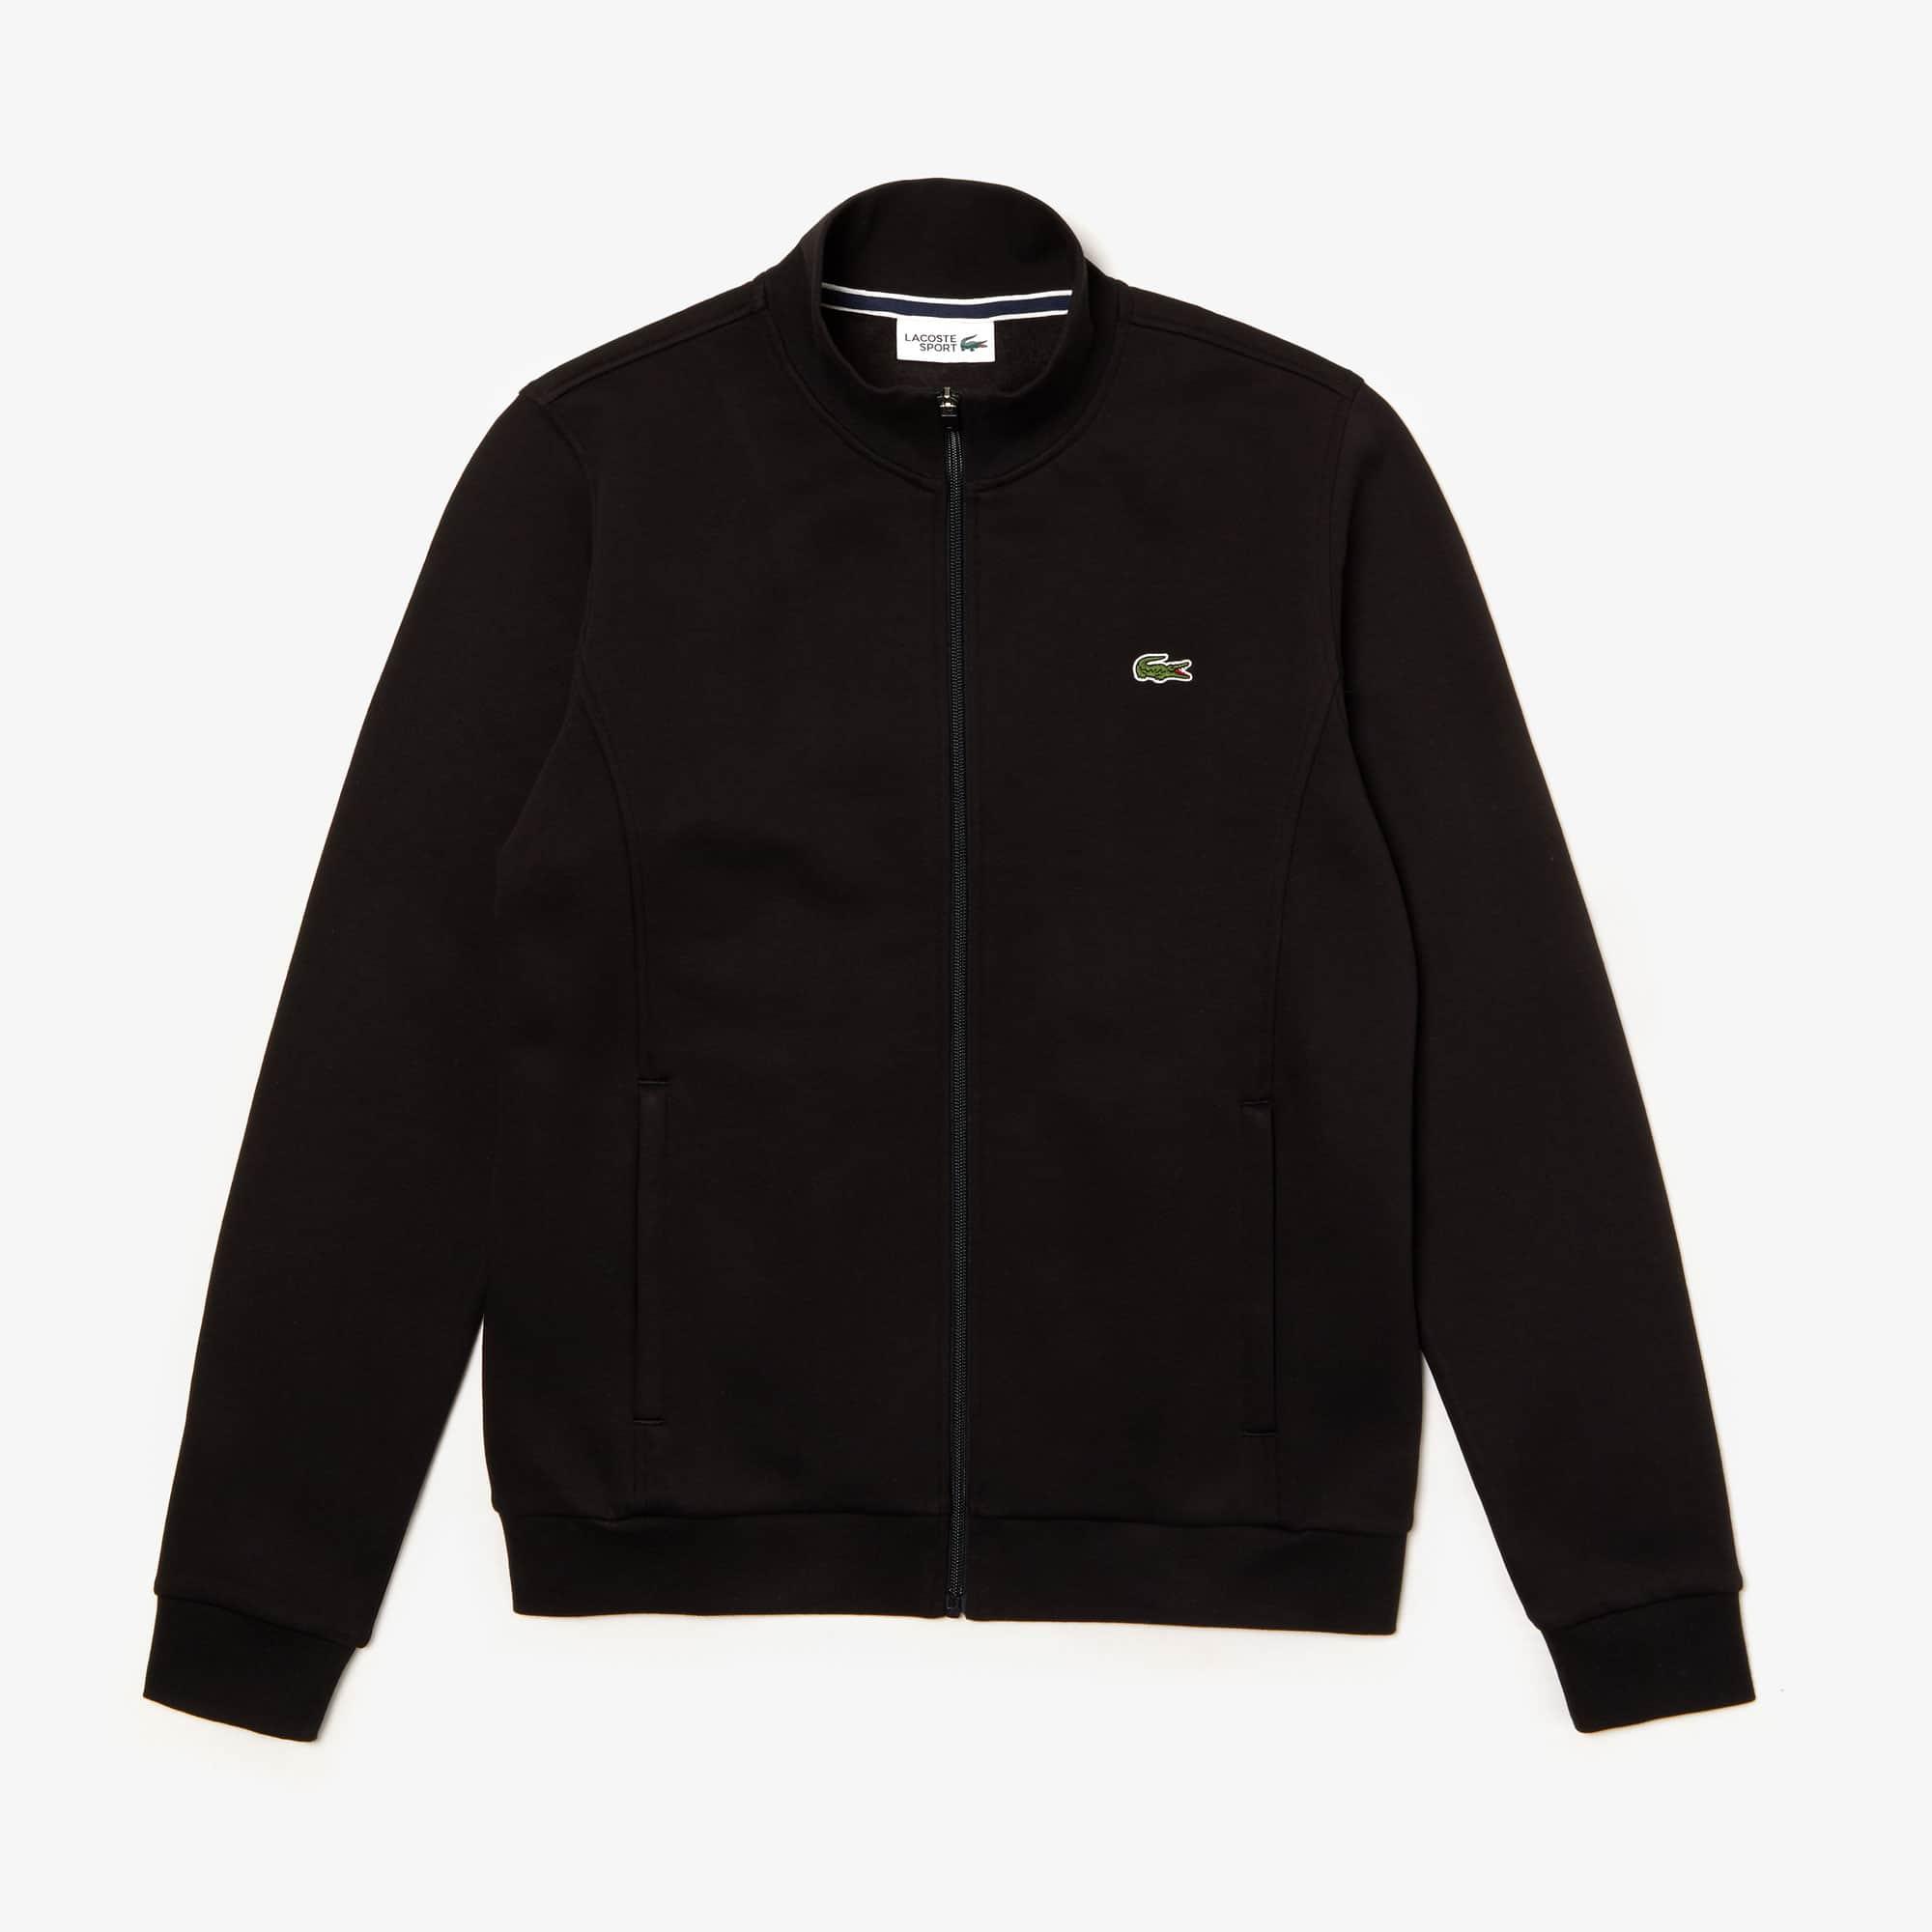 Men's  SPORT zip-up fleece sweatshirt